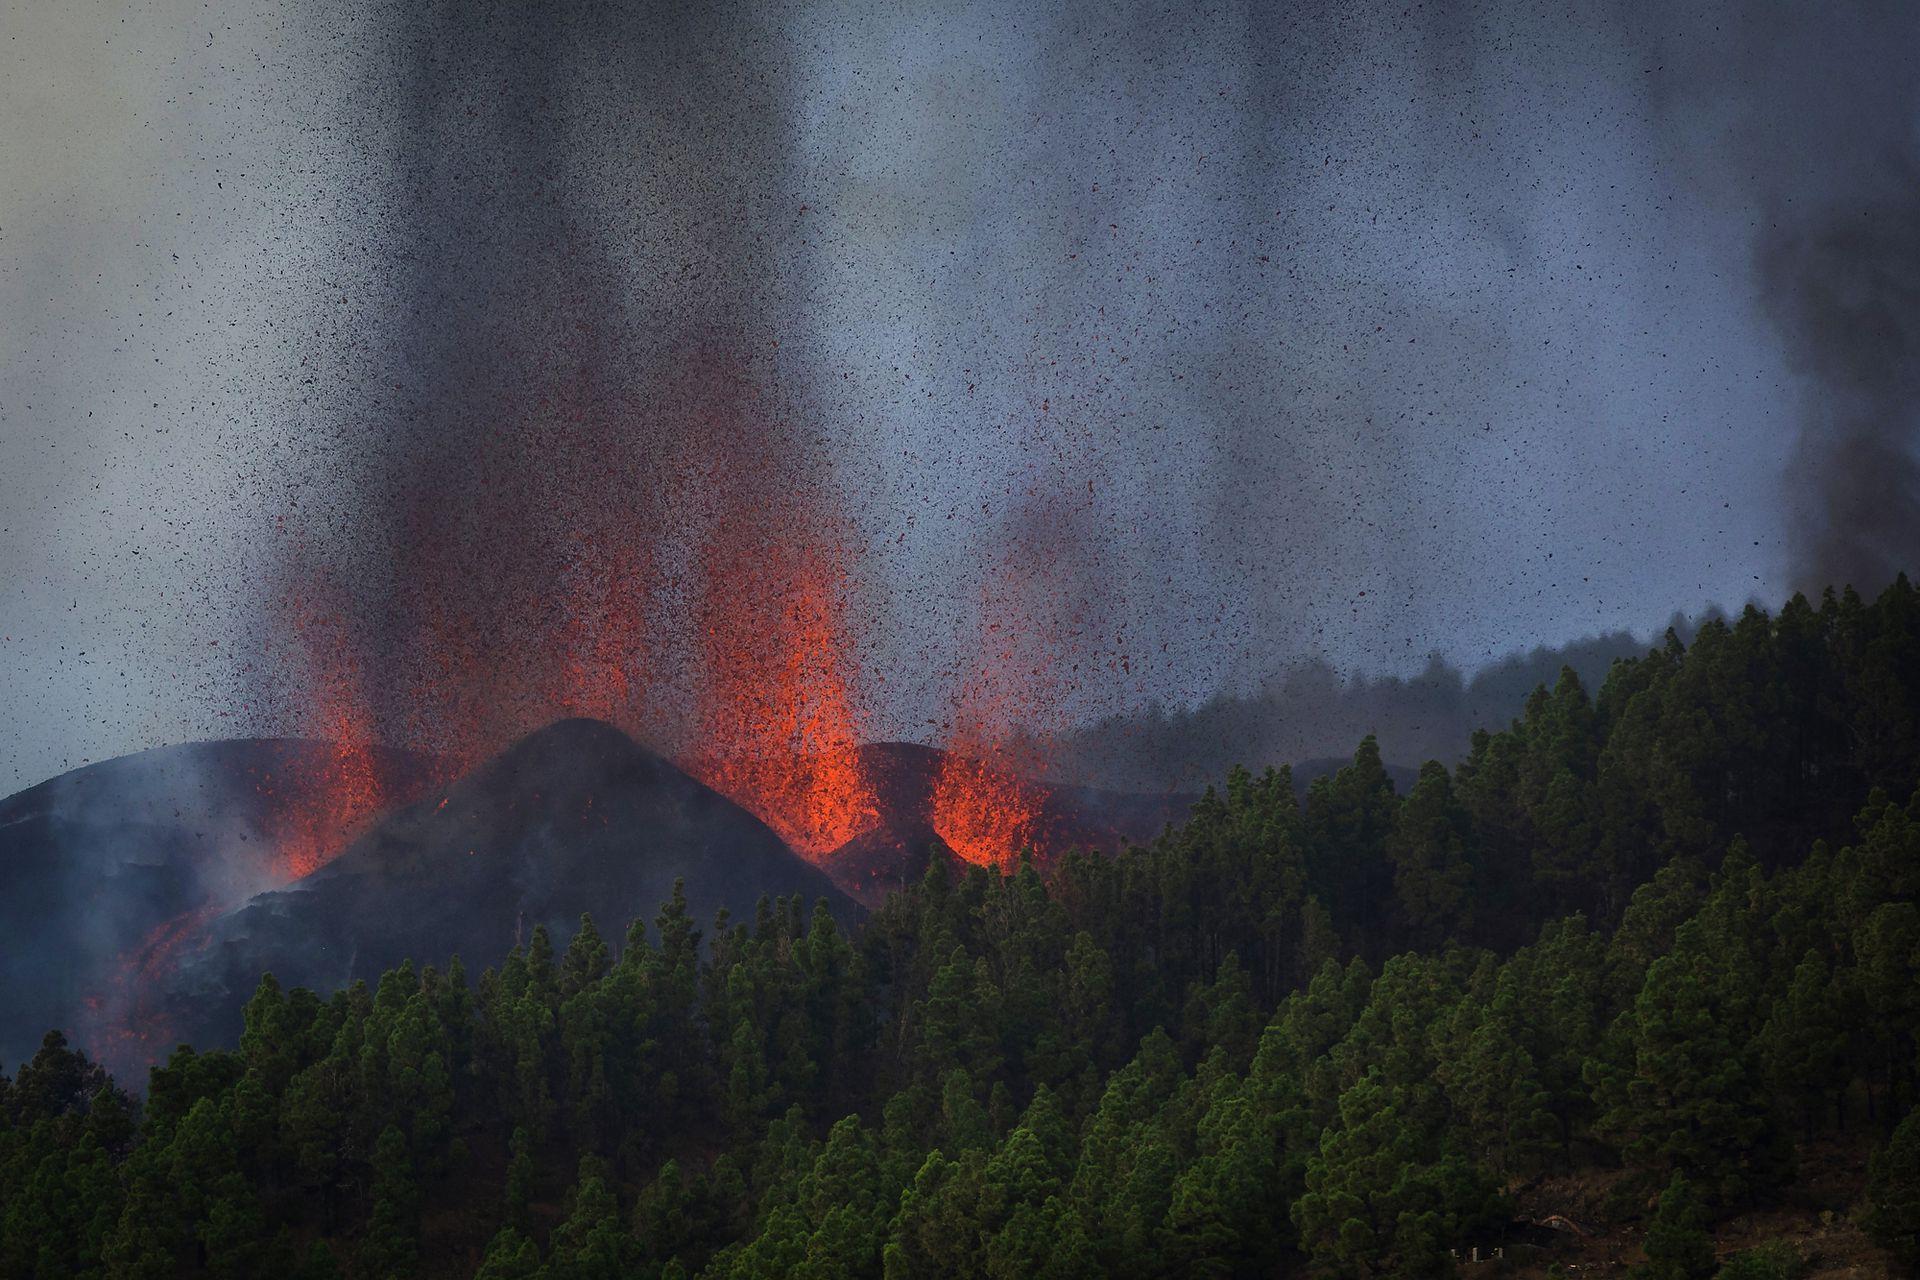 El Instituto Geográfico Nacional (IGN) ha informado que la lava está saliendo en estos momentos por cinco fisuras a unos 400 metros de altitud